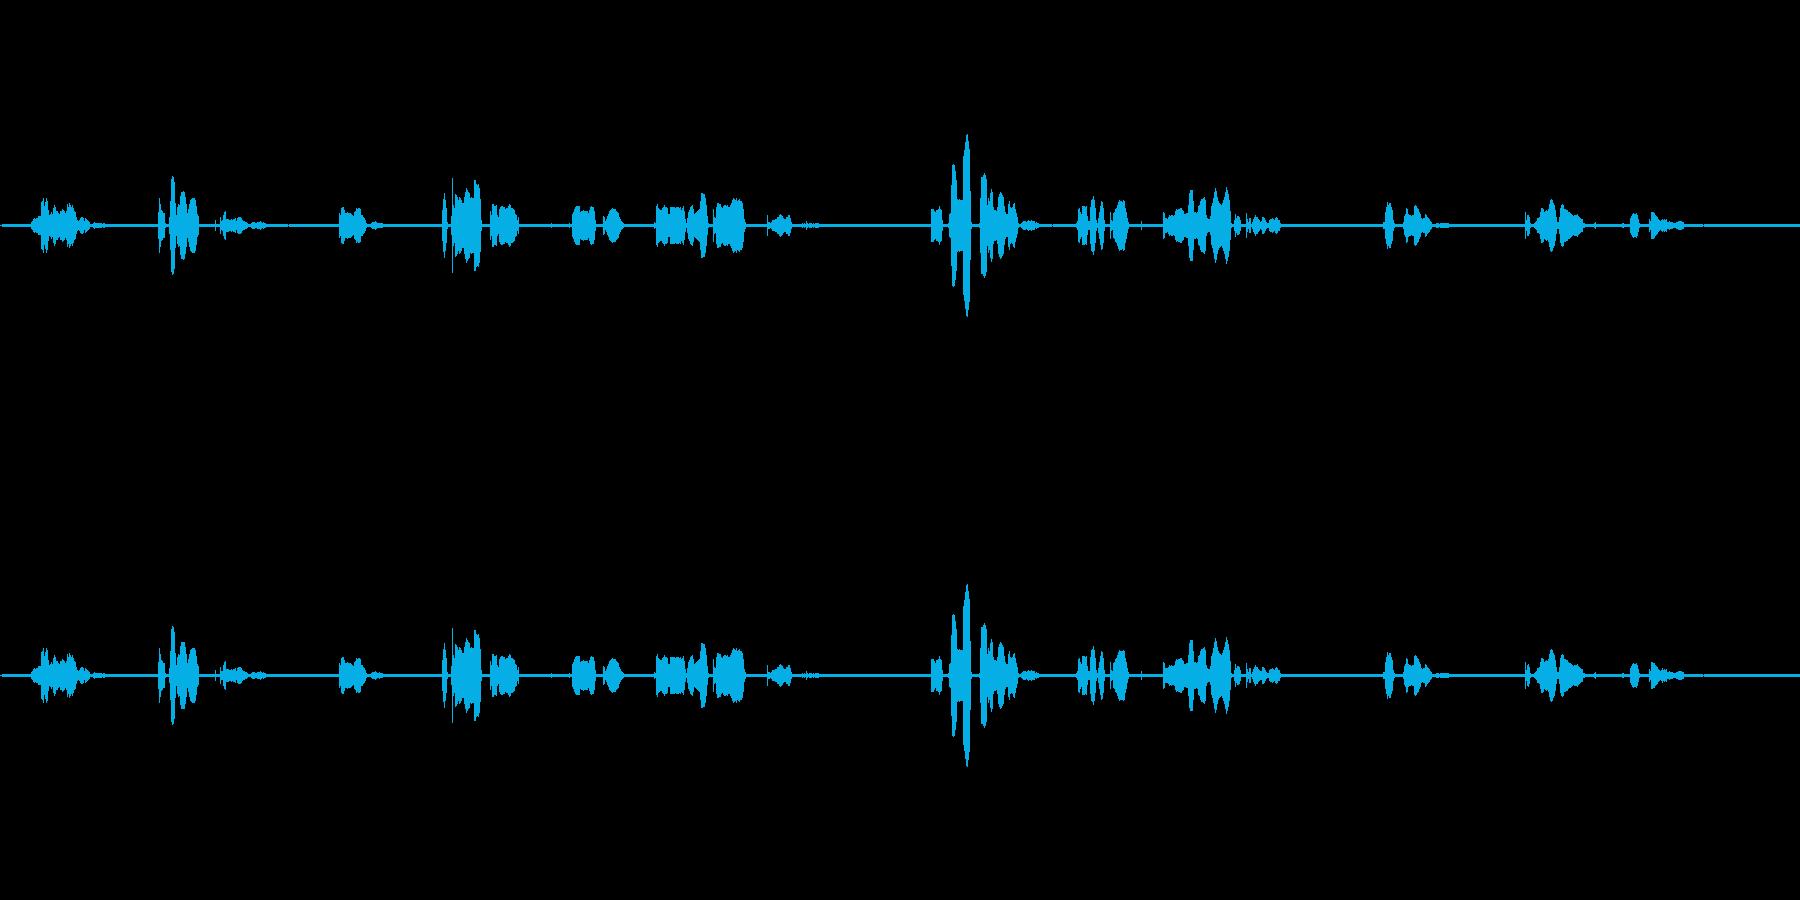 (留守電音声)「何時になったら連絡もら…の再生済みの波形